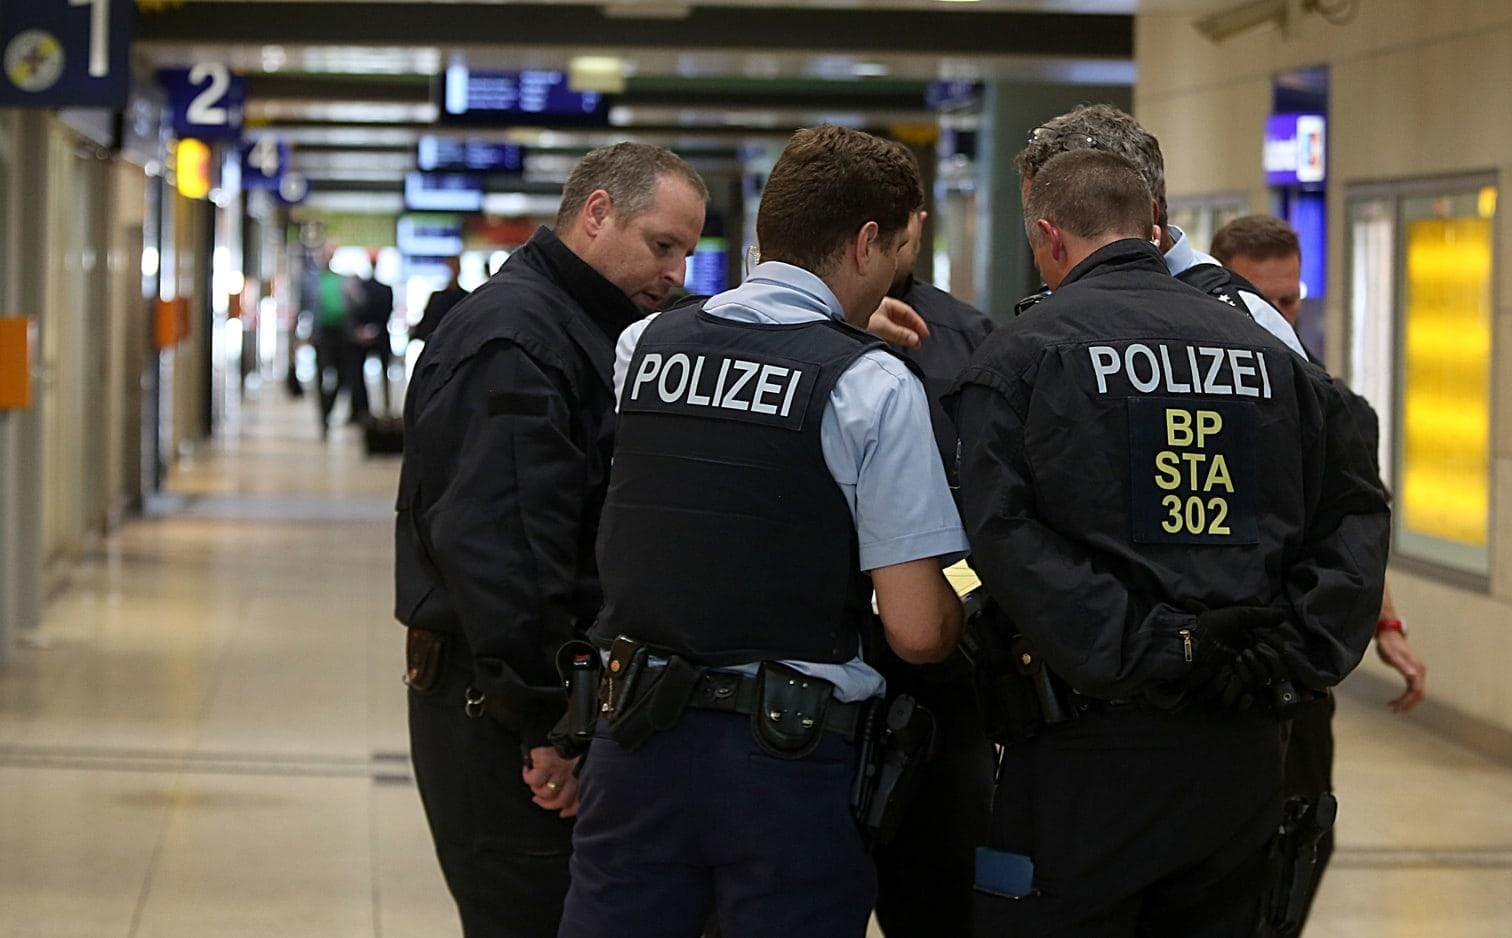 <p>Im Folgenden weitere Bilder der Lage in Köln...</p> Foto: dpa/Oliver Berg